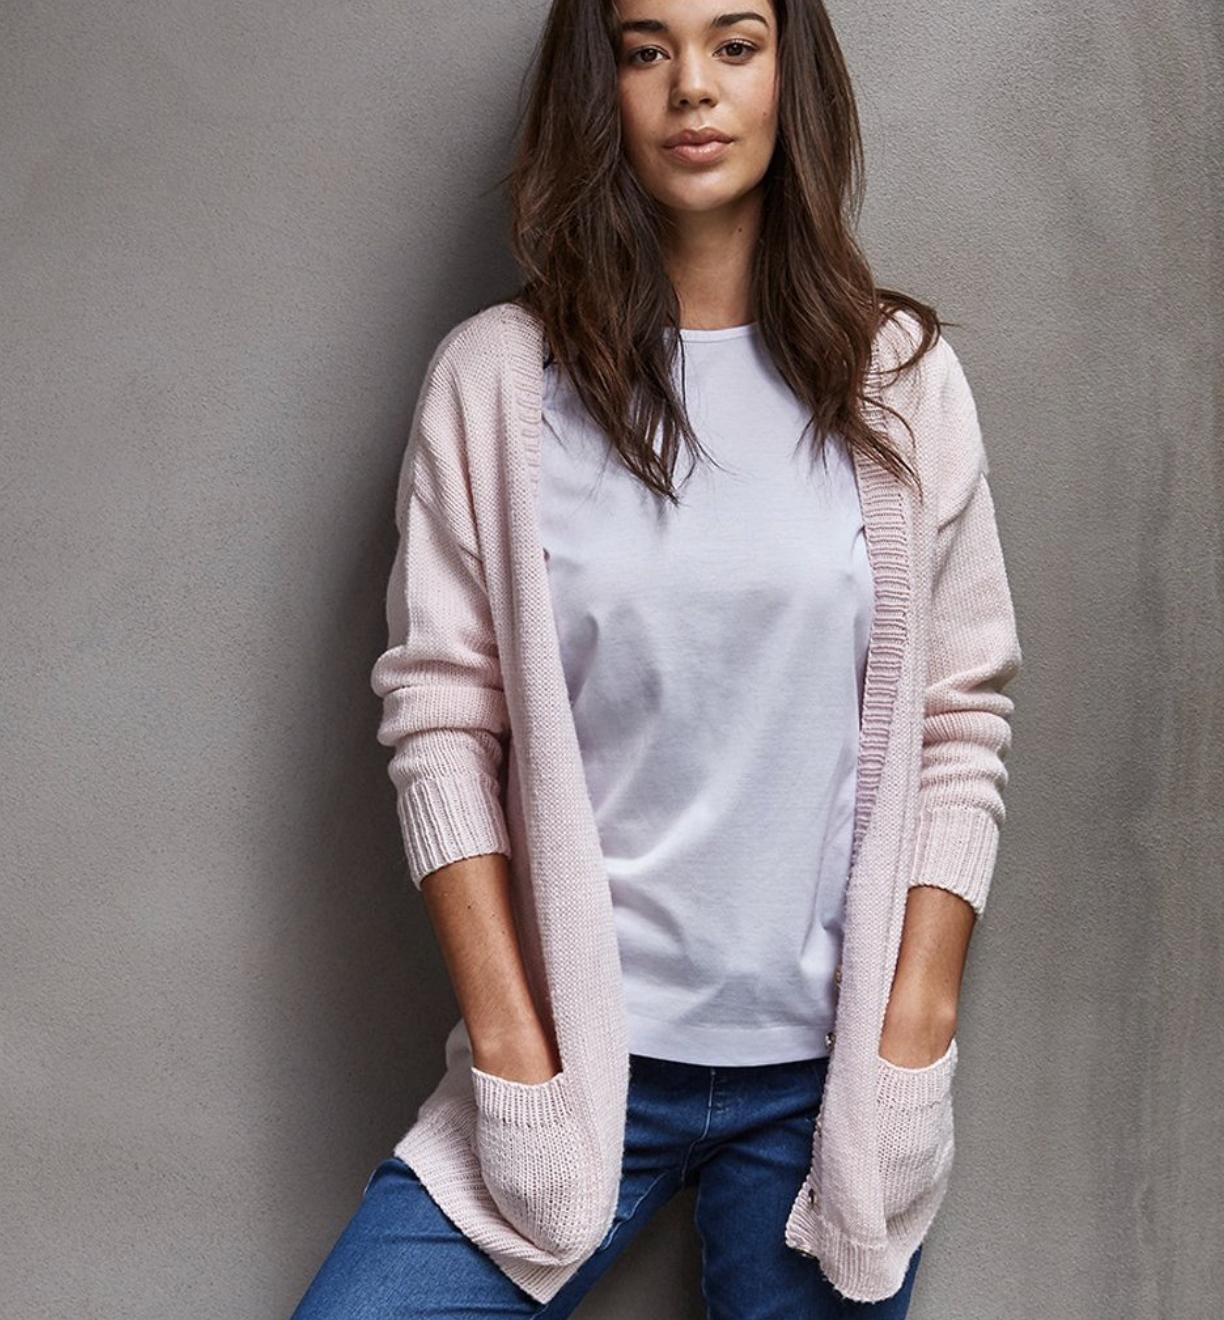 Bellissimo - BROOKLYN 690 - Sweater Pattern